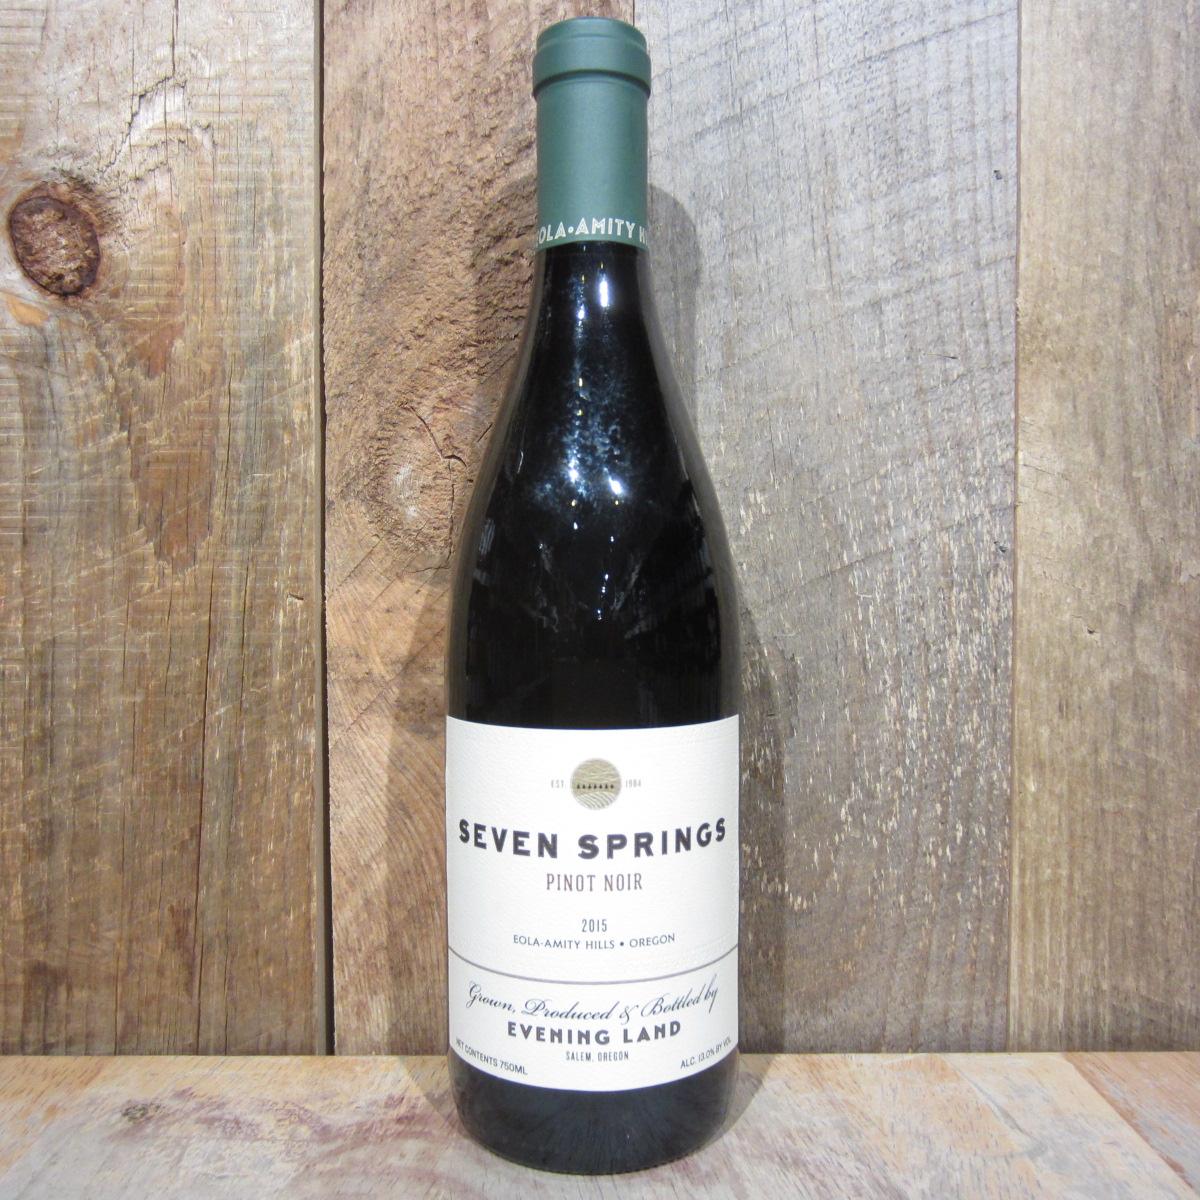 Evening Land Seven Springs Pinot Noir 2018 750ml